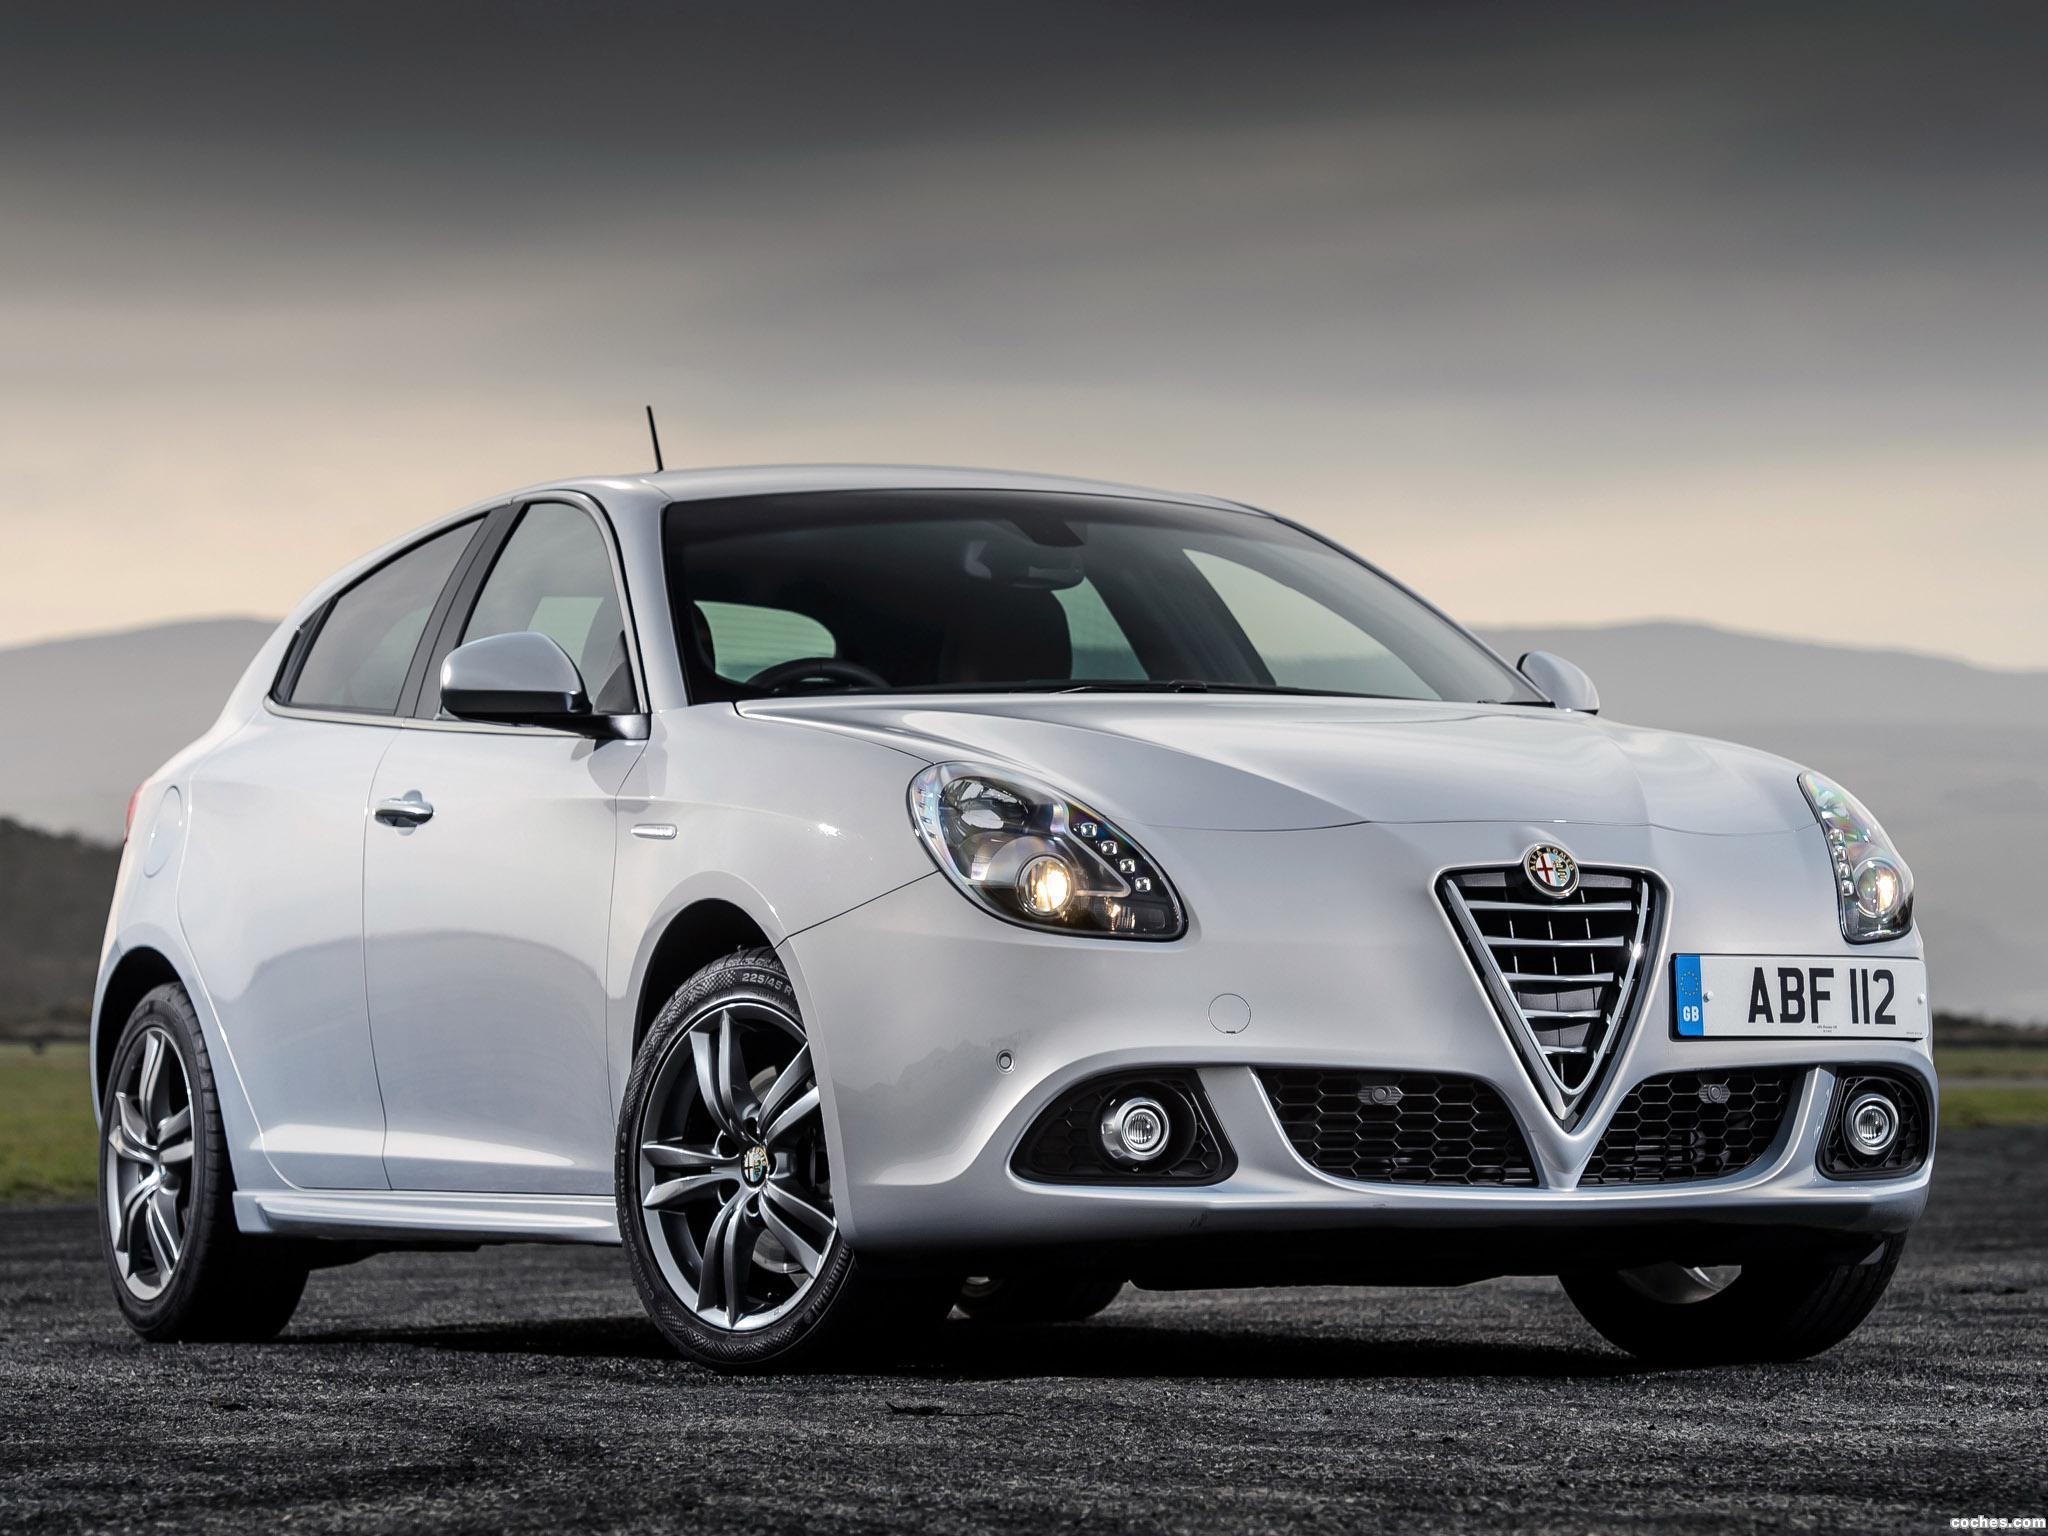 Foto 0 de Alfa Romeo Giulietta UK 2014